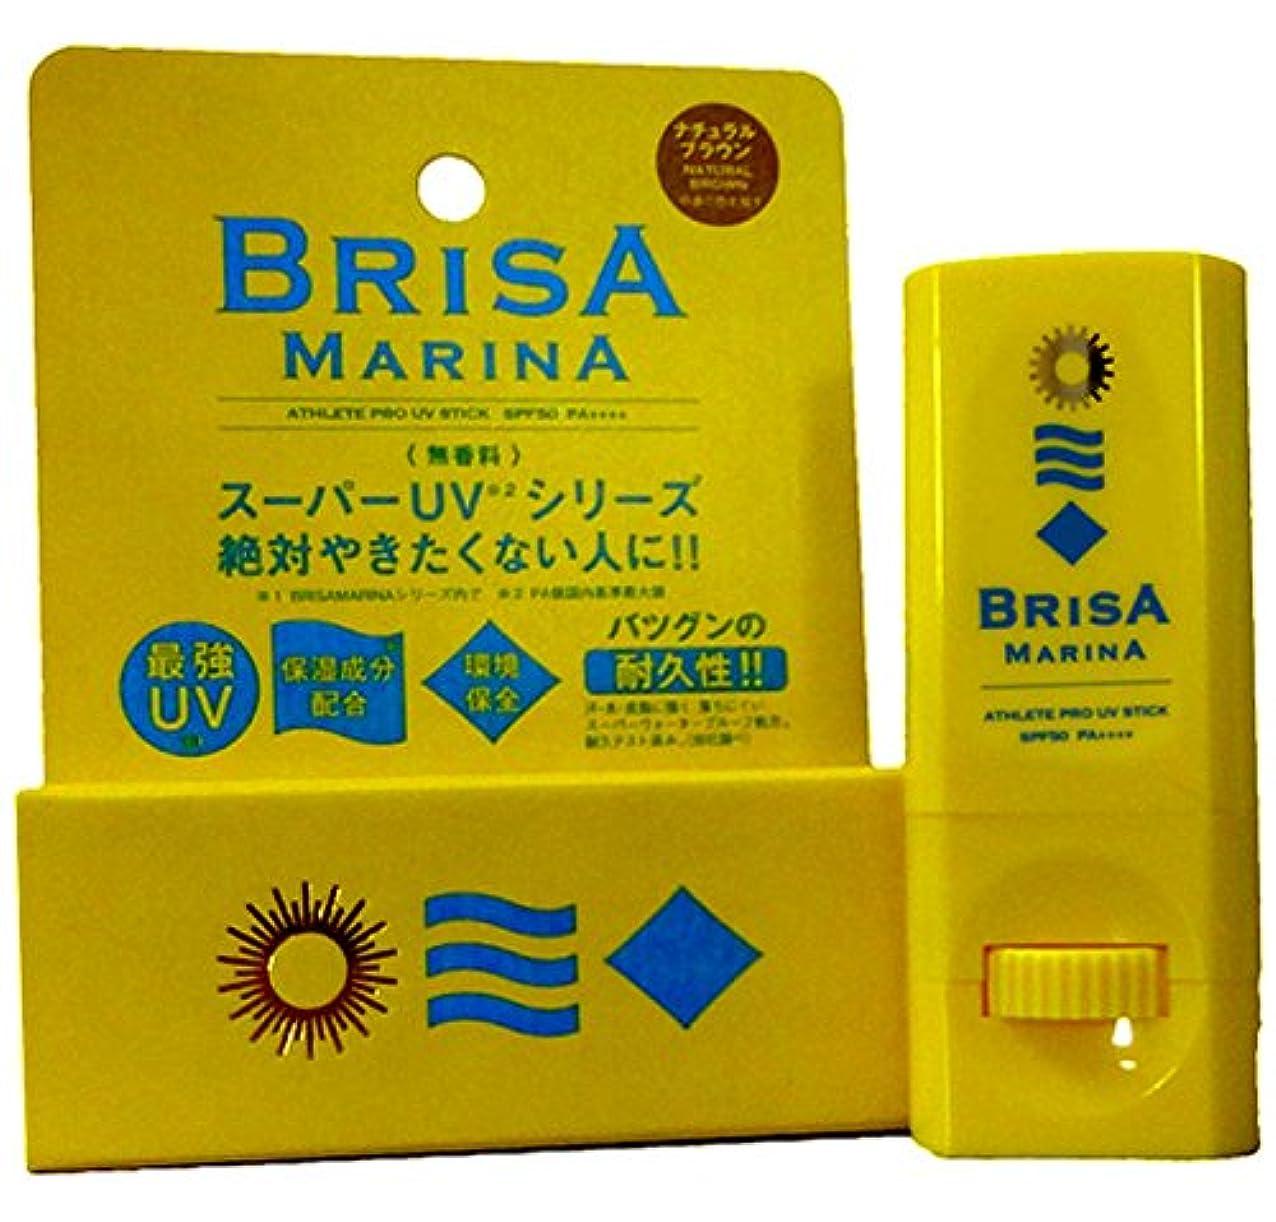 天のルビー満たすBRISA MARINA(ブリサマリーナ) ATHLETE PRO UV STICK 10g 日焼け止め スティック (01-WHITE)